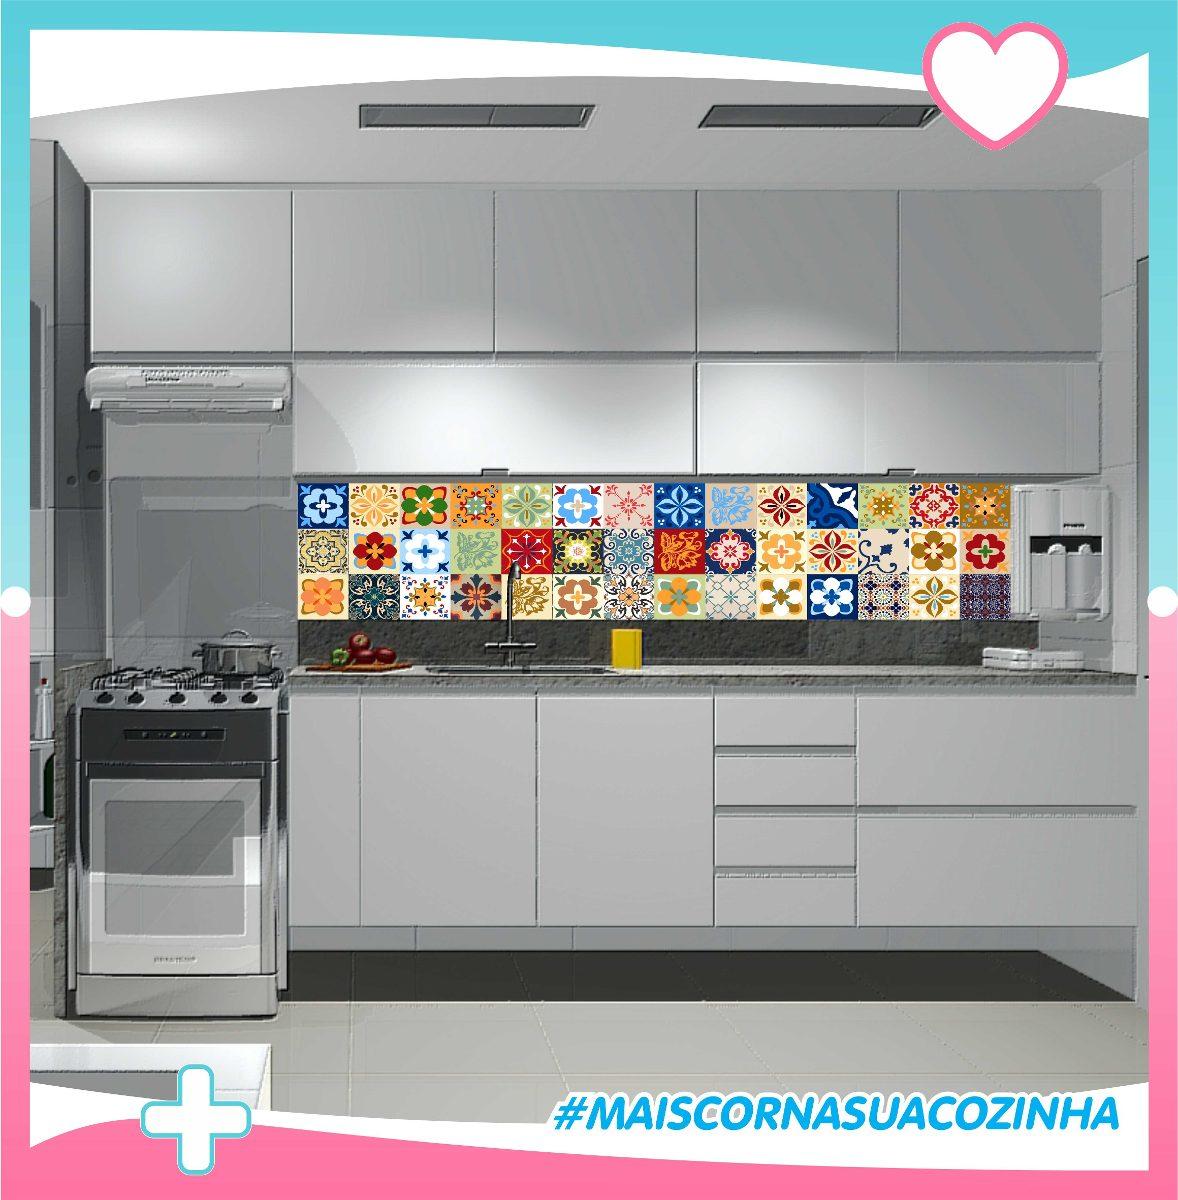 Adesivo Ladrilho Hidrulico Azulejo Portugues De Cozinha